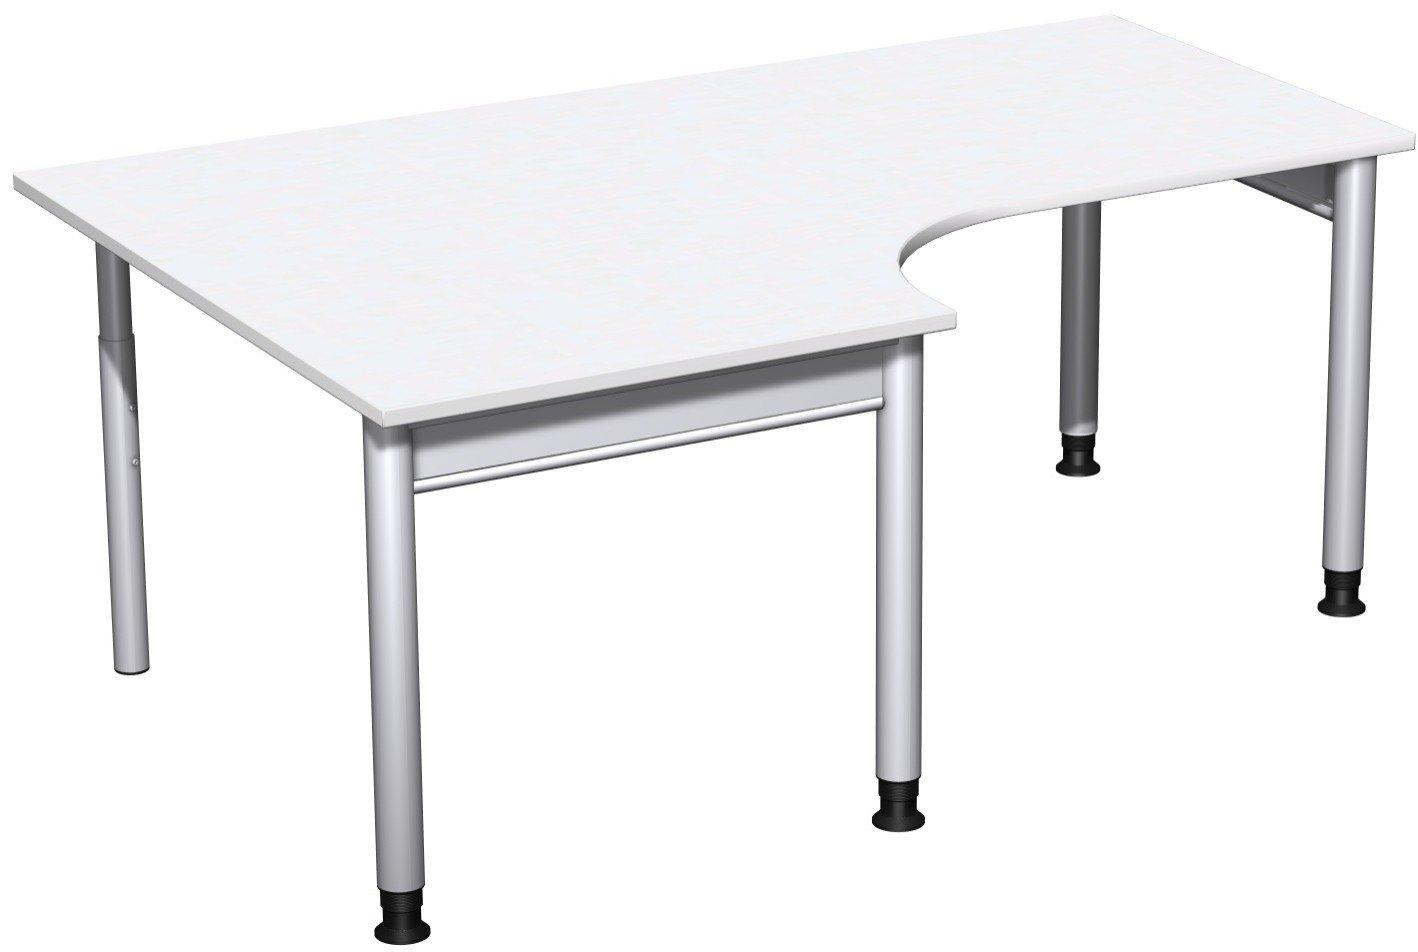 Geramöbel PC-Schreibtisch links höhenverstellbar, 1800x1200x680-820, Weiß/Silber